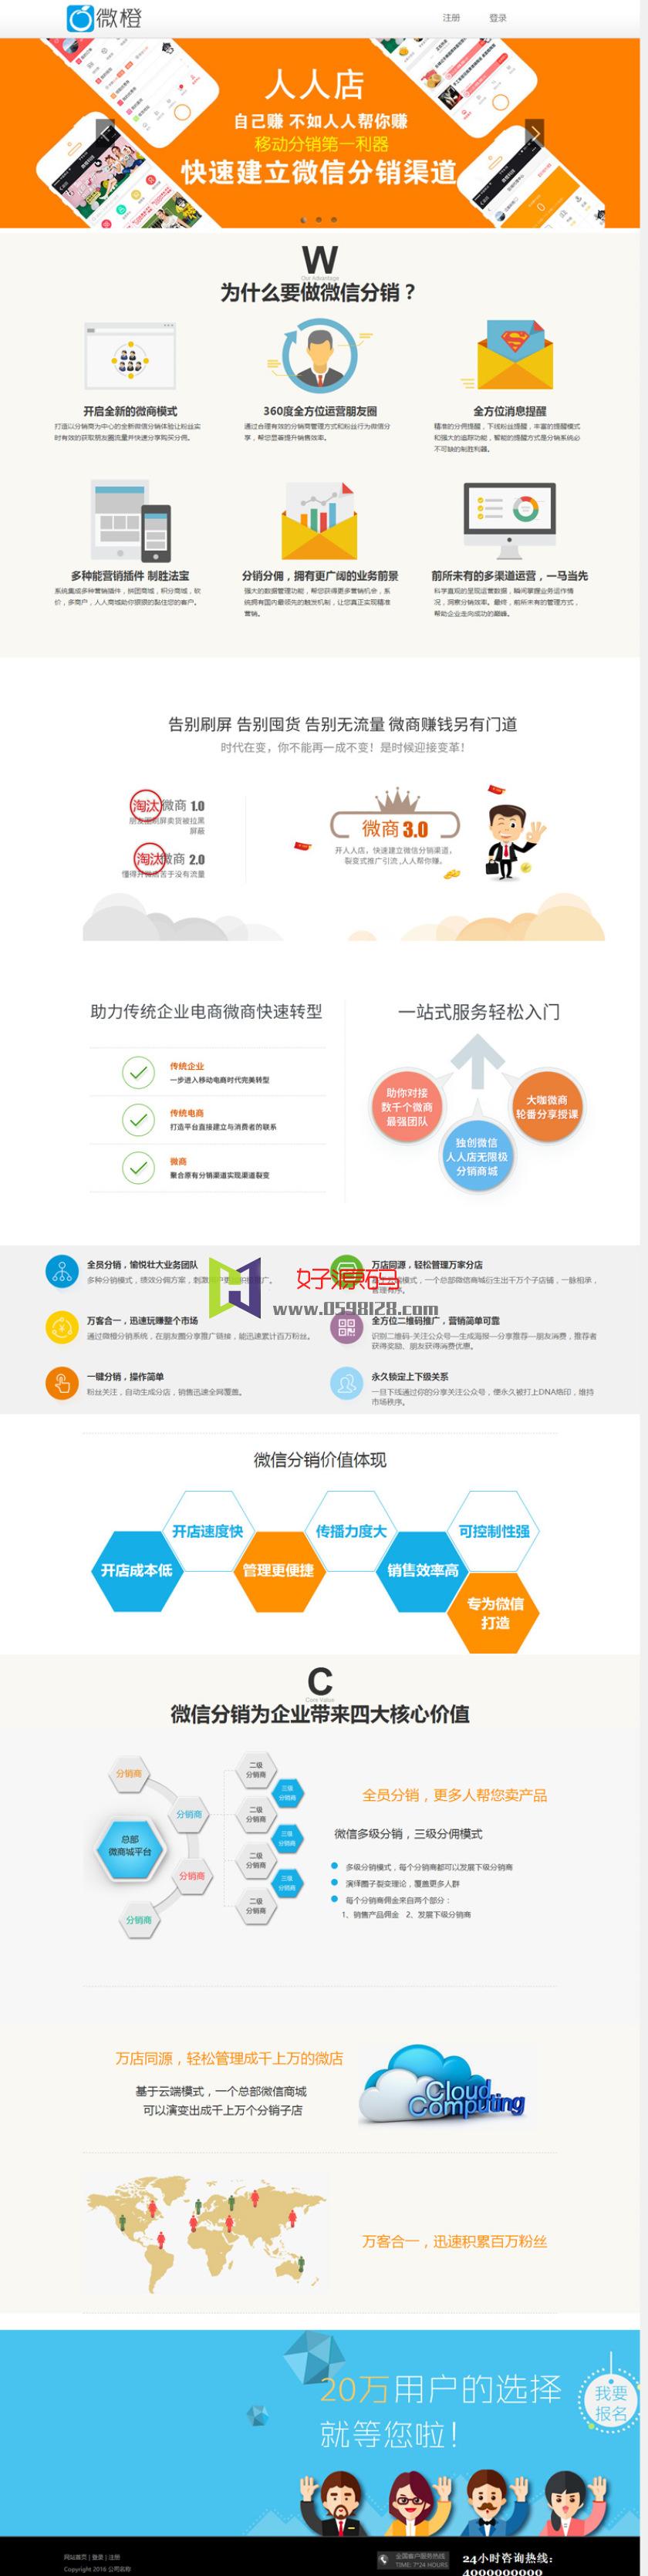 最新微橙人人店V3.3.6微信分销一键安装版|全解密开源版人人商城V2二次开发版